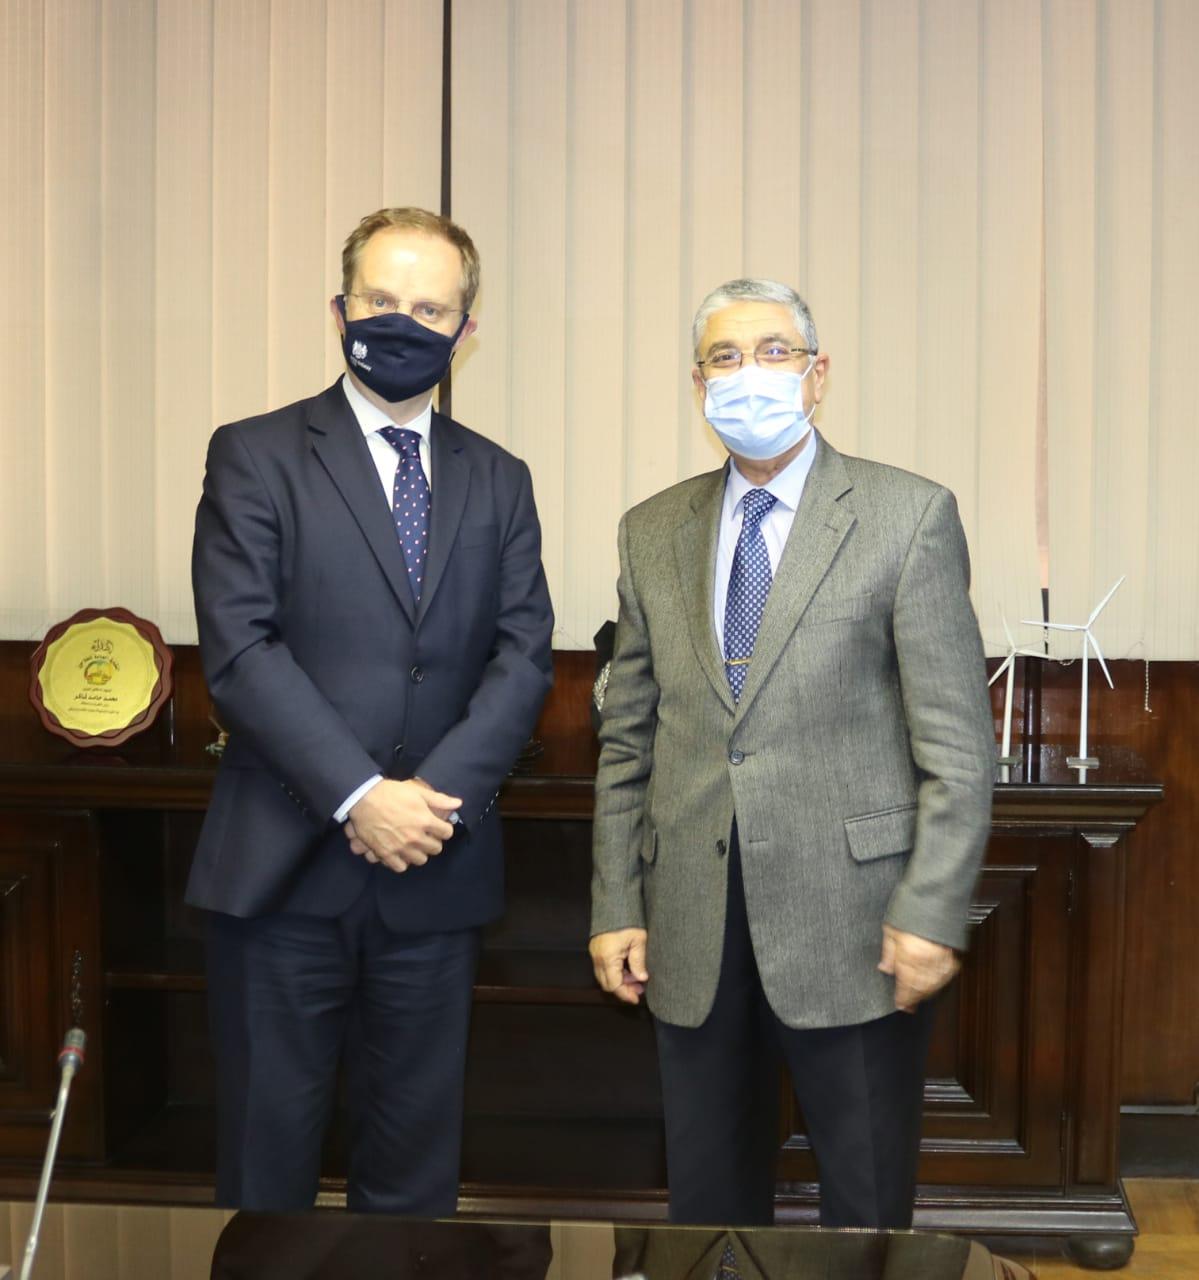 وزير الكهرباء يستقبل سفير بريطانيا الجديد بالقاهرة